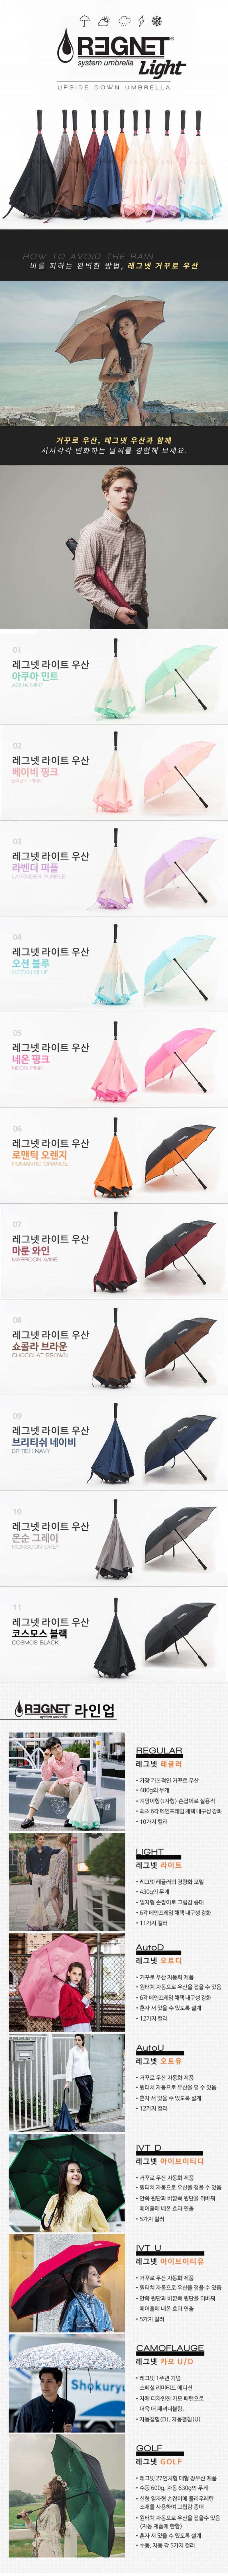 레그넷 라이트 거꾸로 우산